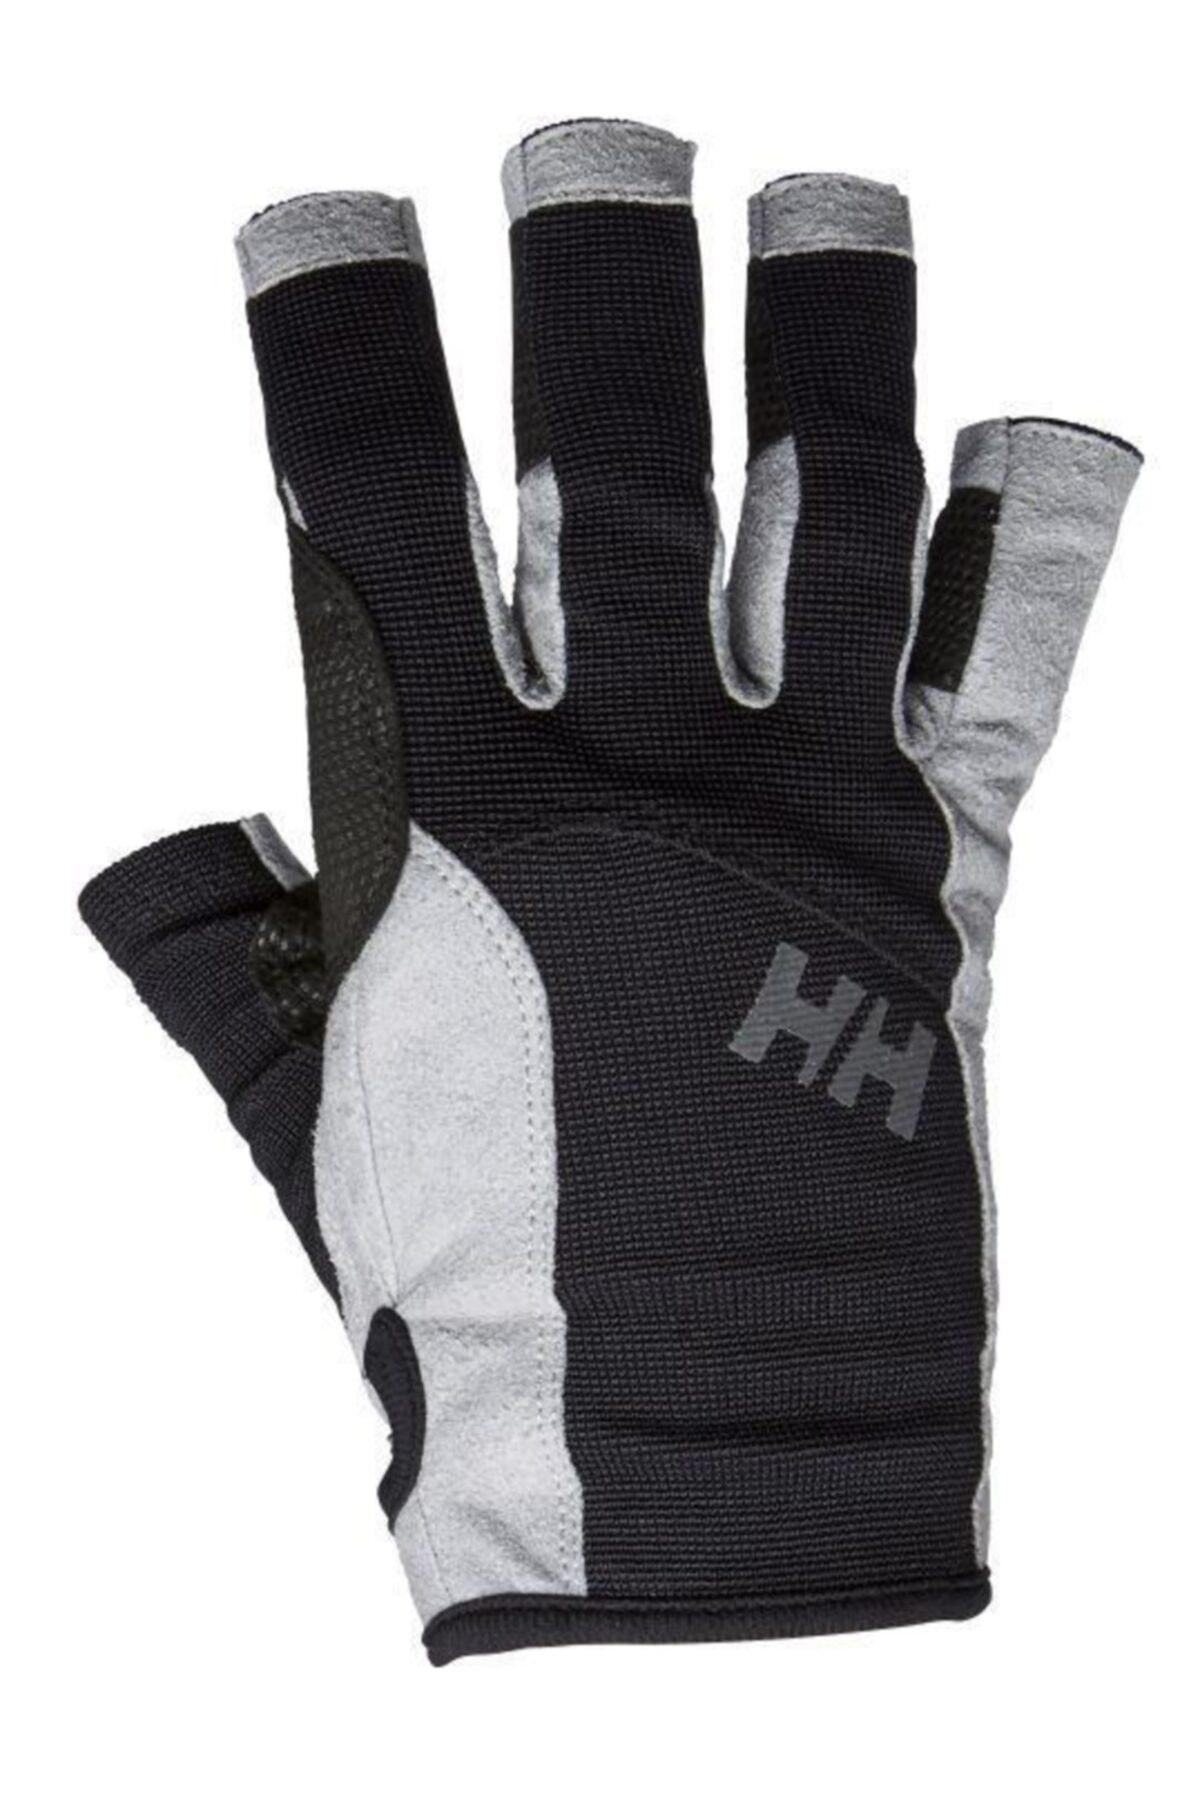 Helly Hansen Sailing Glove Short Kısa Yelken Eldiveni 1